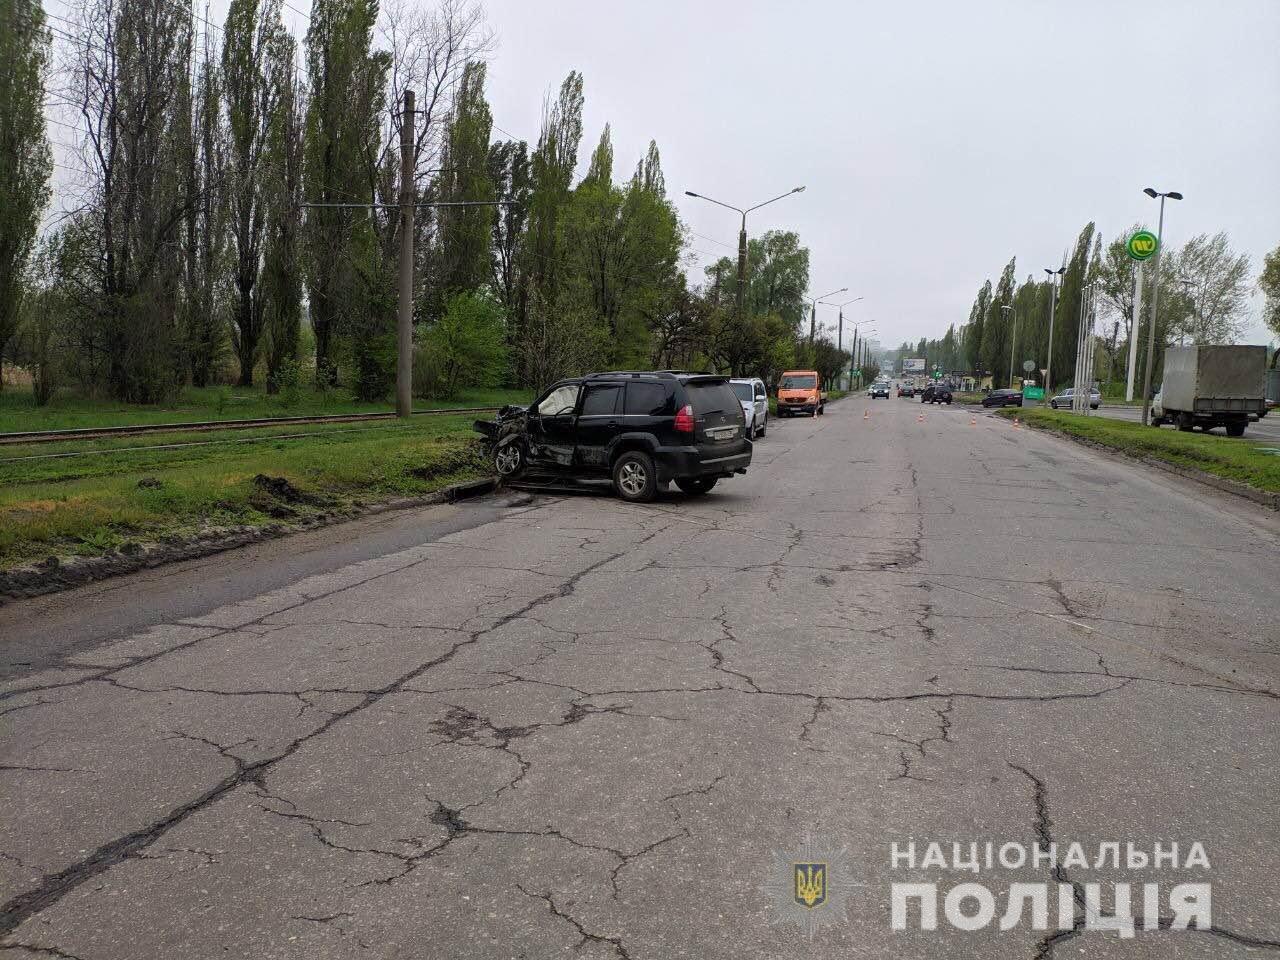 Тройное ДТП возле автозаправки: харьковские «копы» рассказали подробности, - ФОТО, фото-2